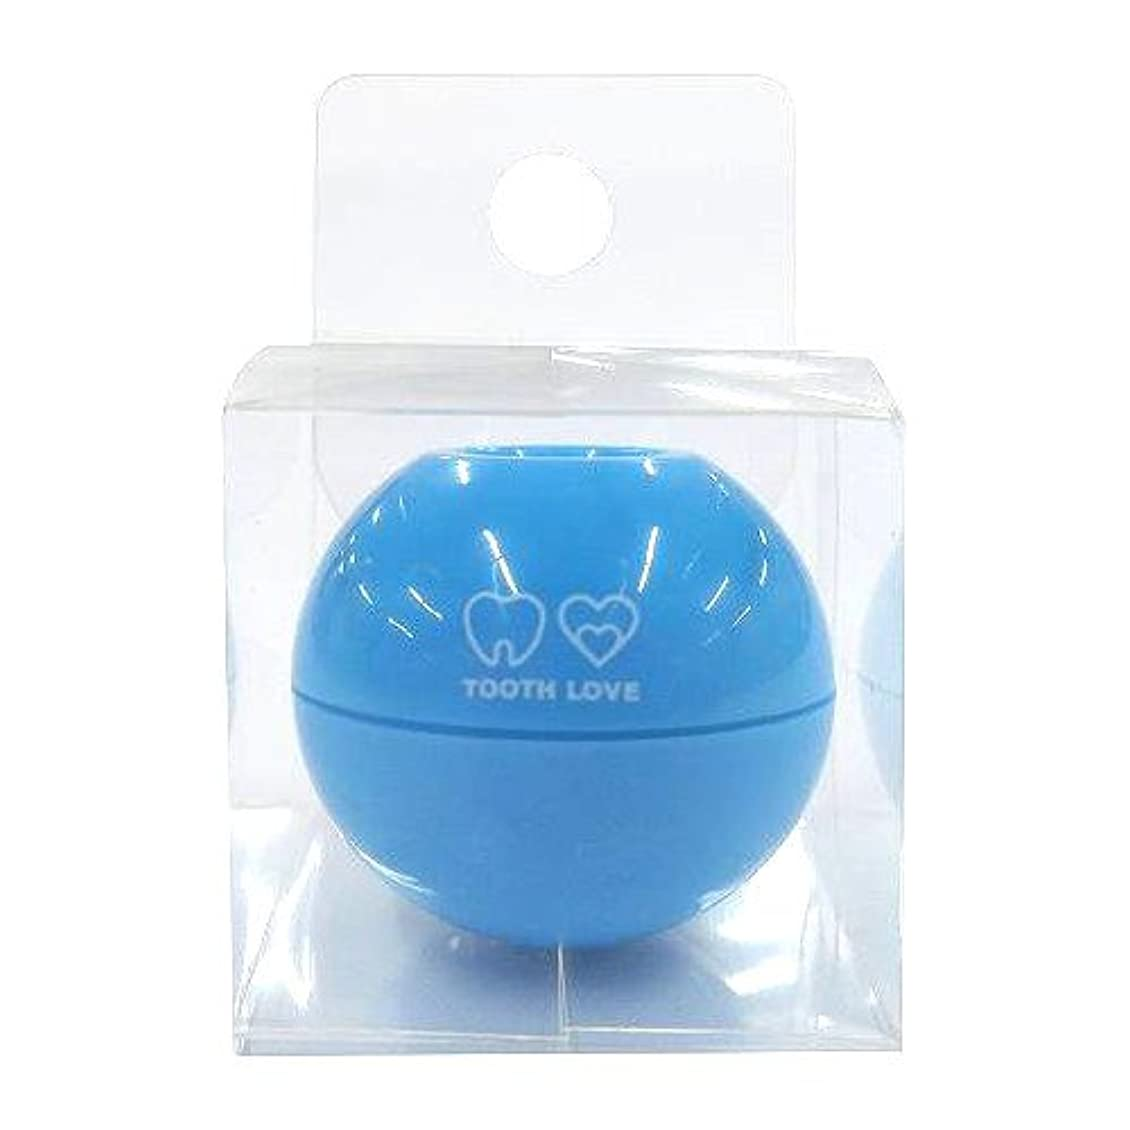 精神医学伝統安息TOOTH LOVE BALL ホルダー (歯間ブラシホルダー) ブルー